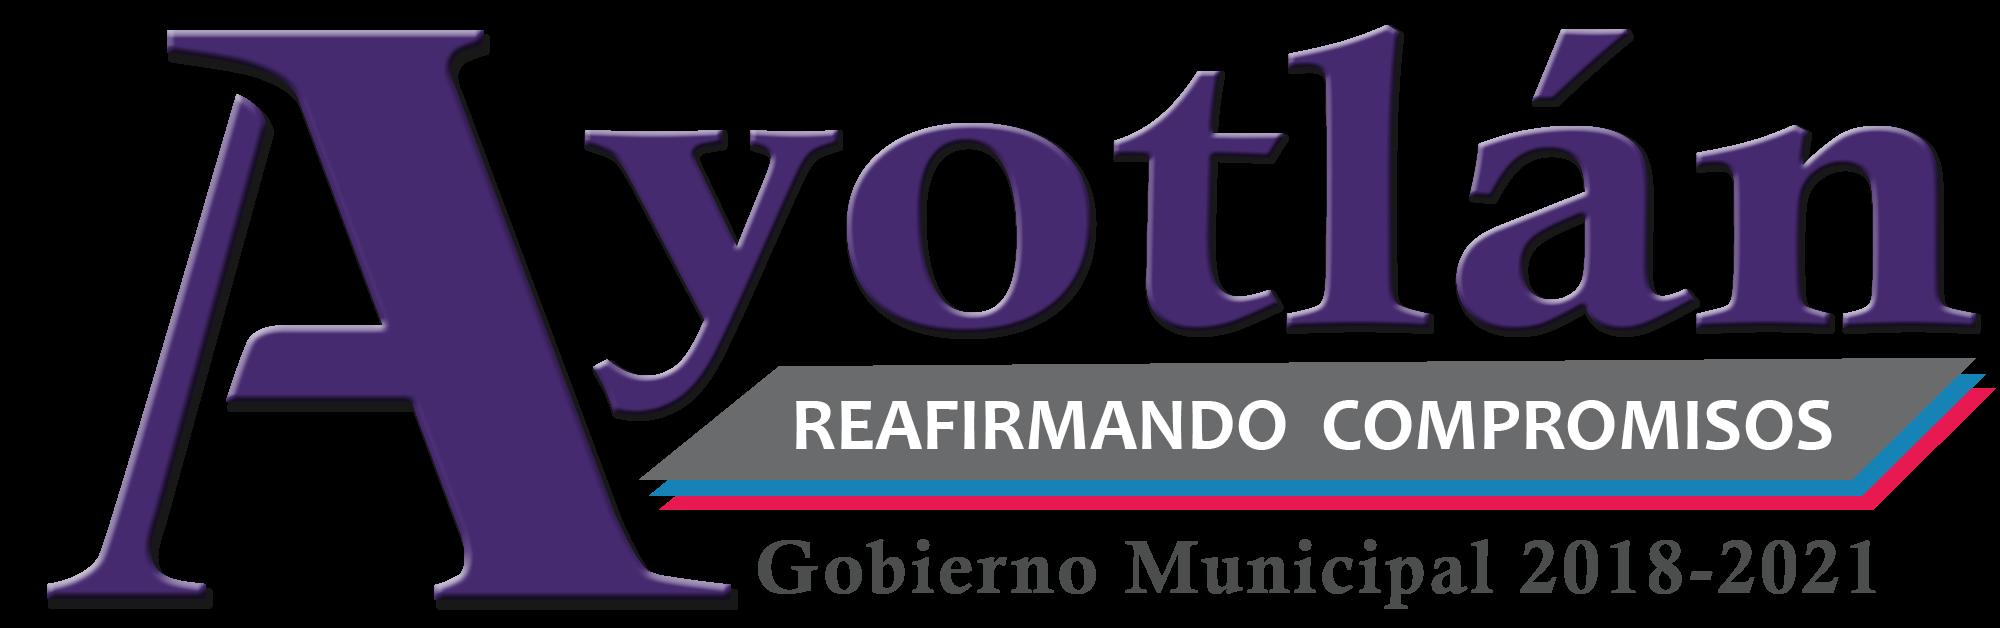 Gobierno de Ayotlán